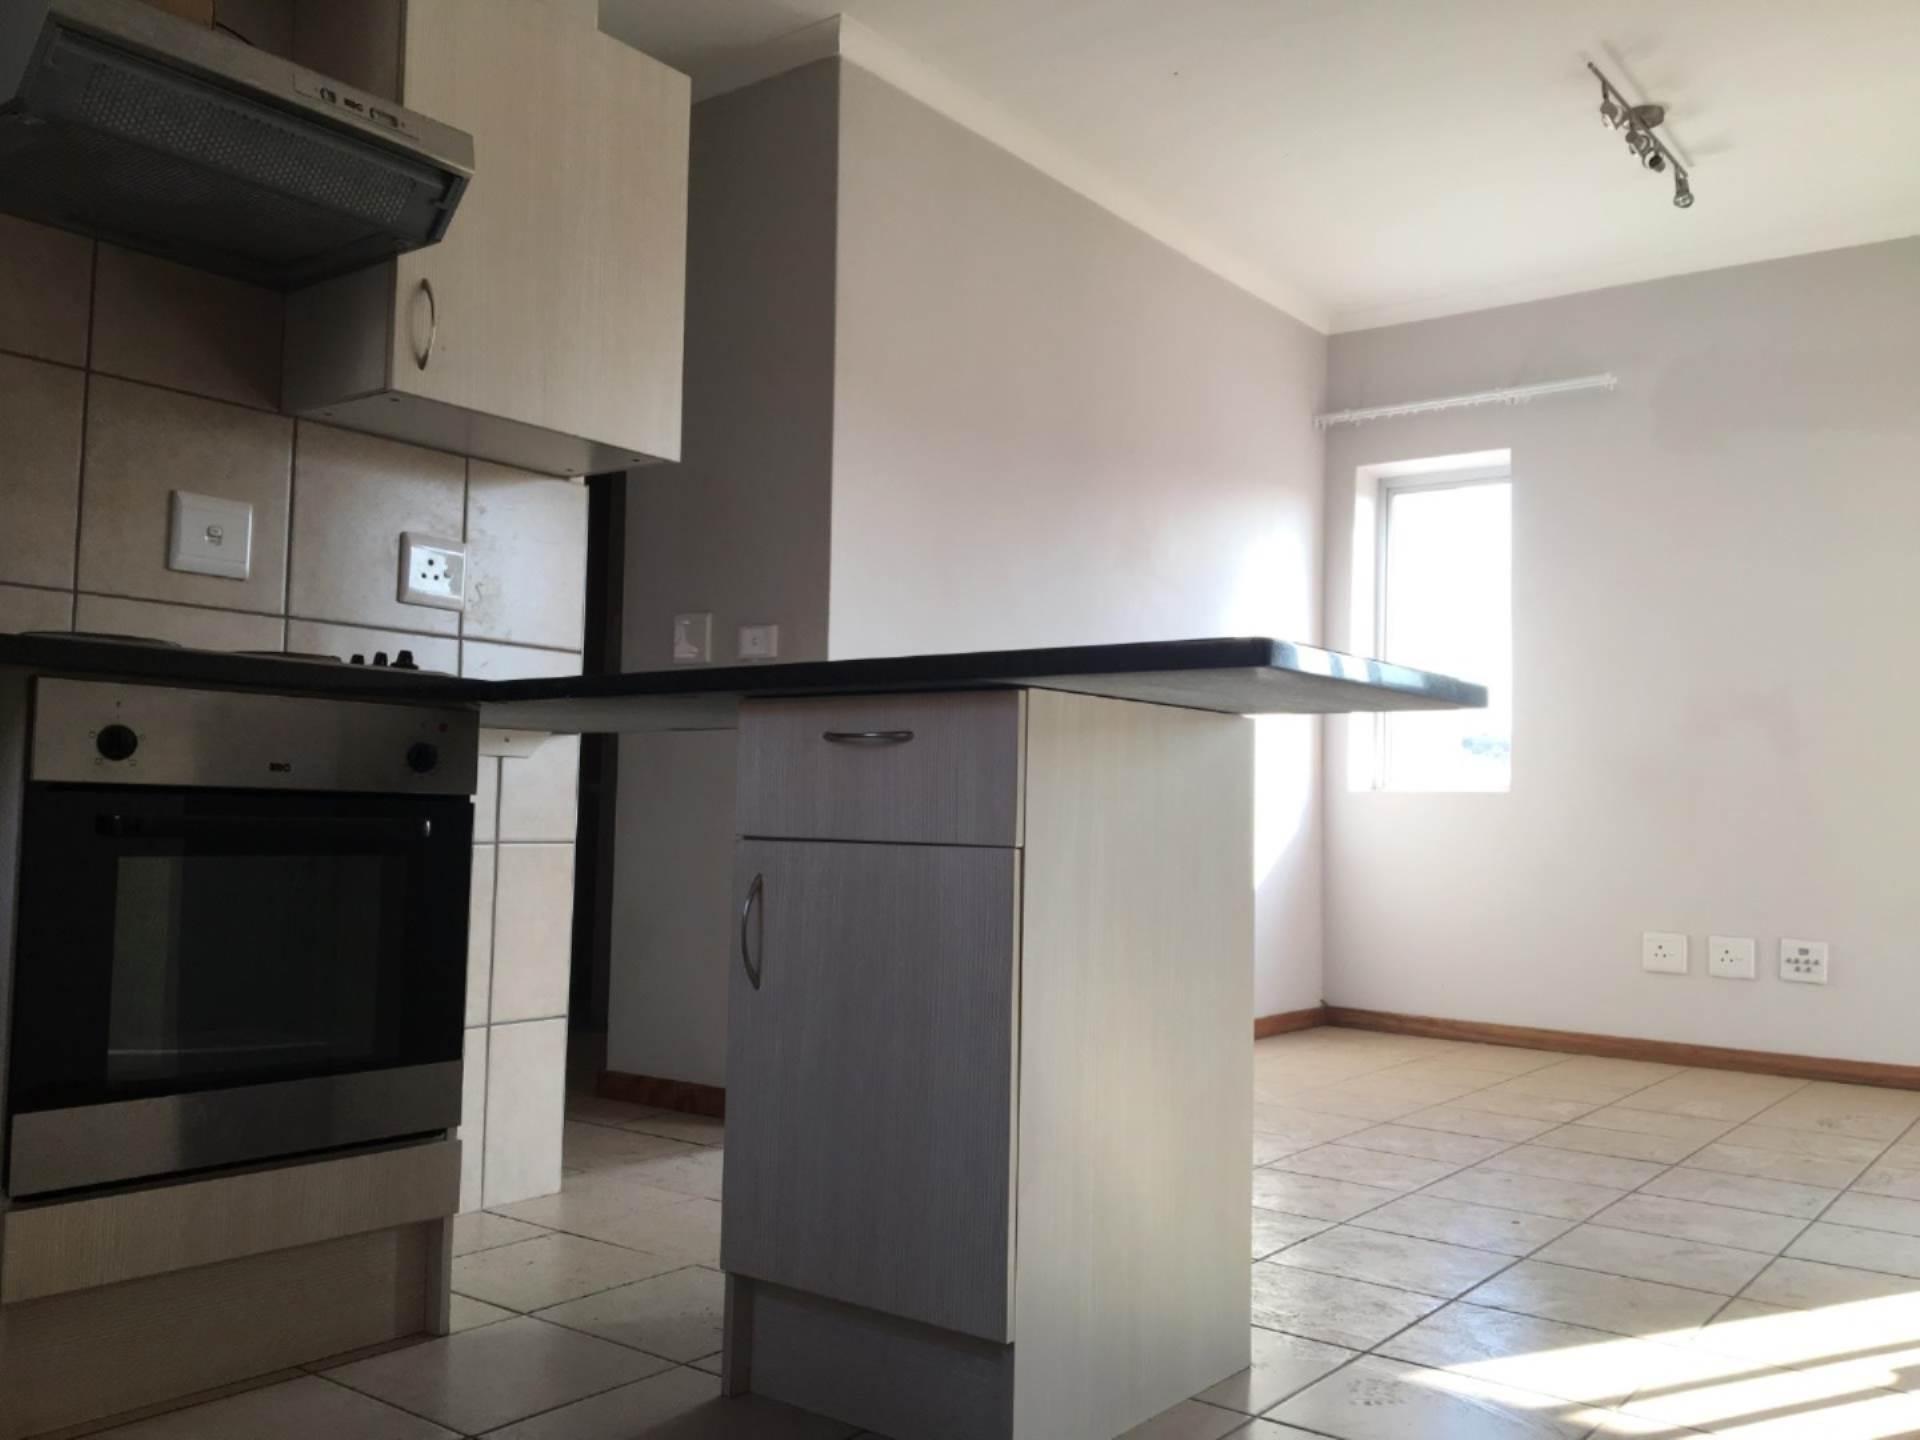 2 BedroomApartment To Rent In Edleen